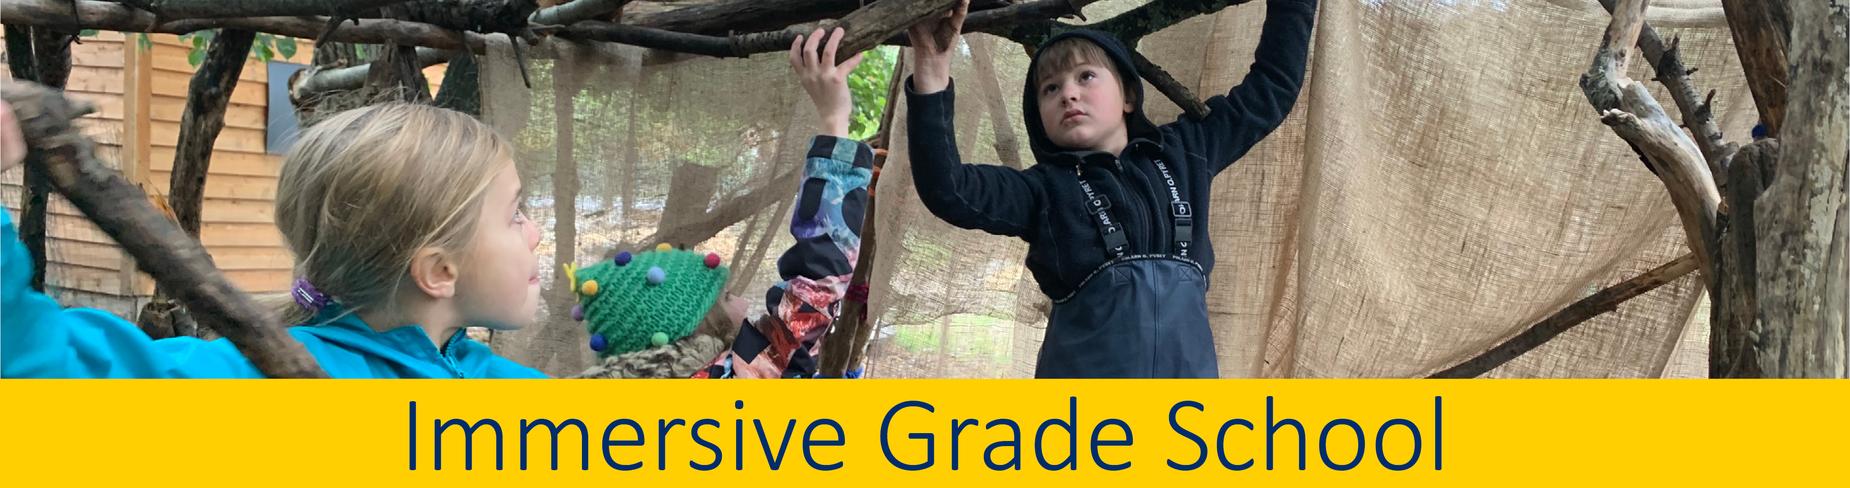 Immersive Grade School